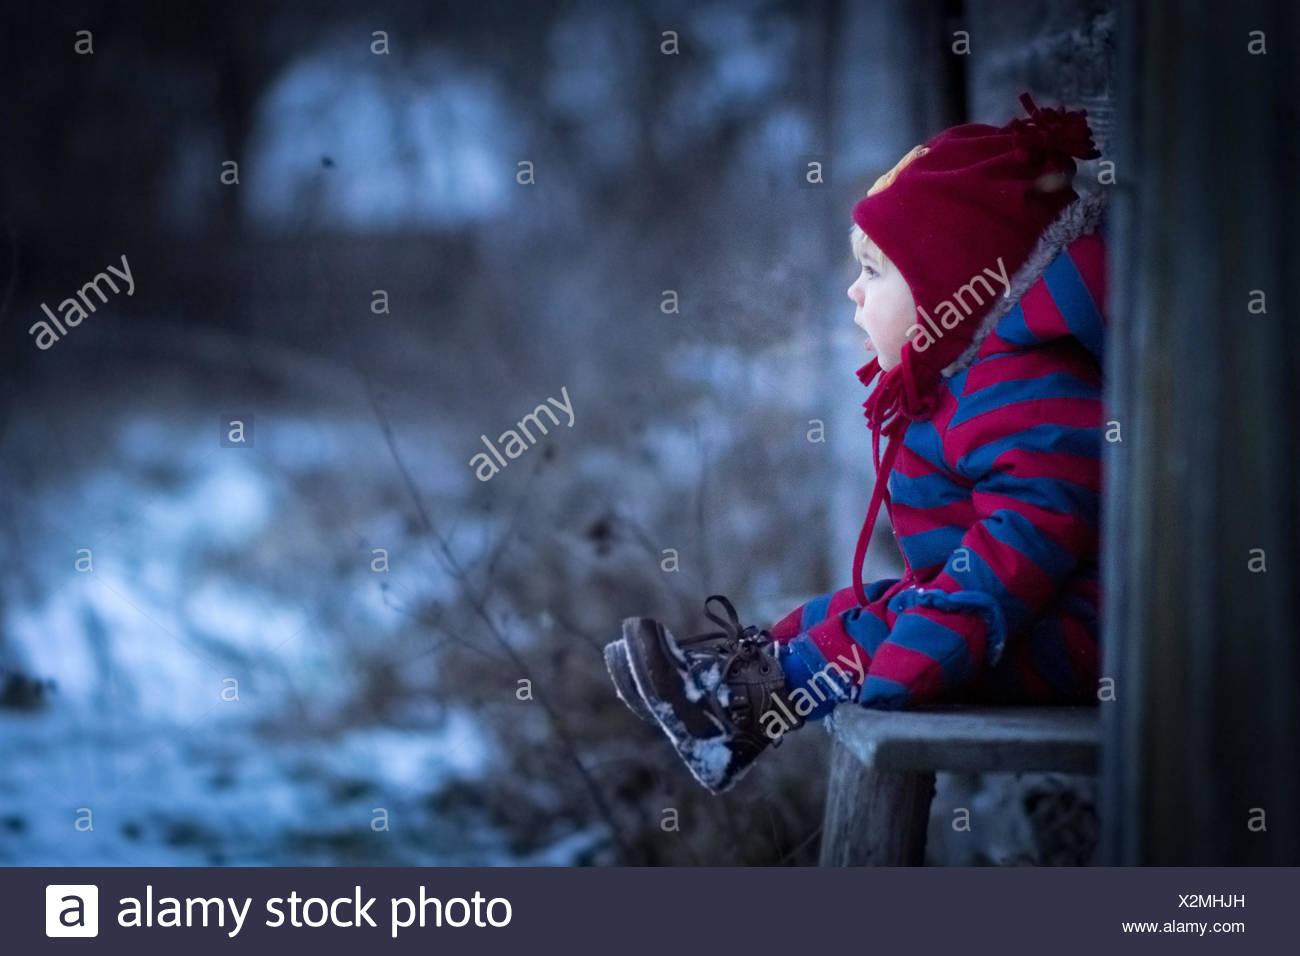 Joven sentado en un banco fuera Foto de stock